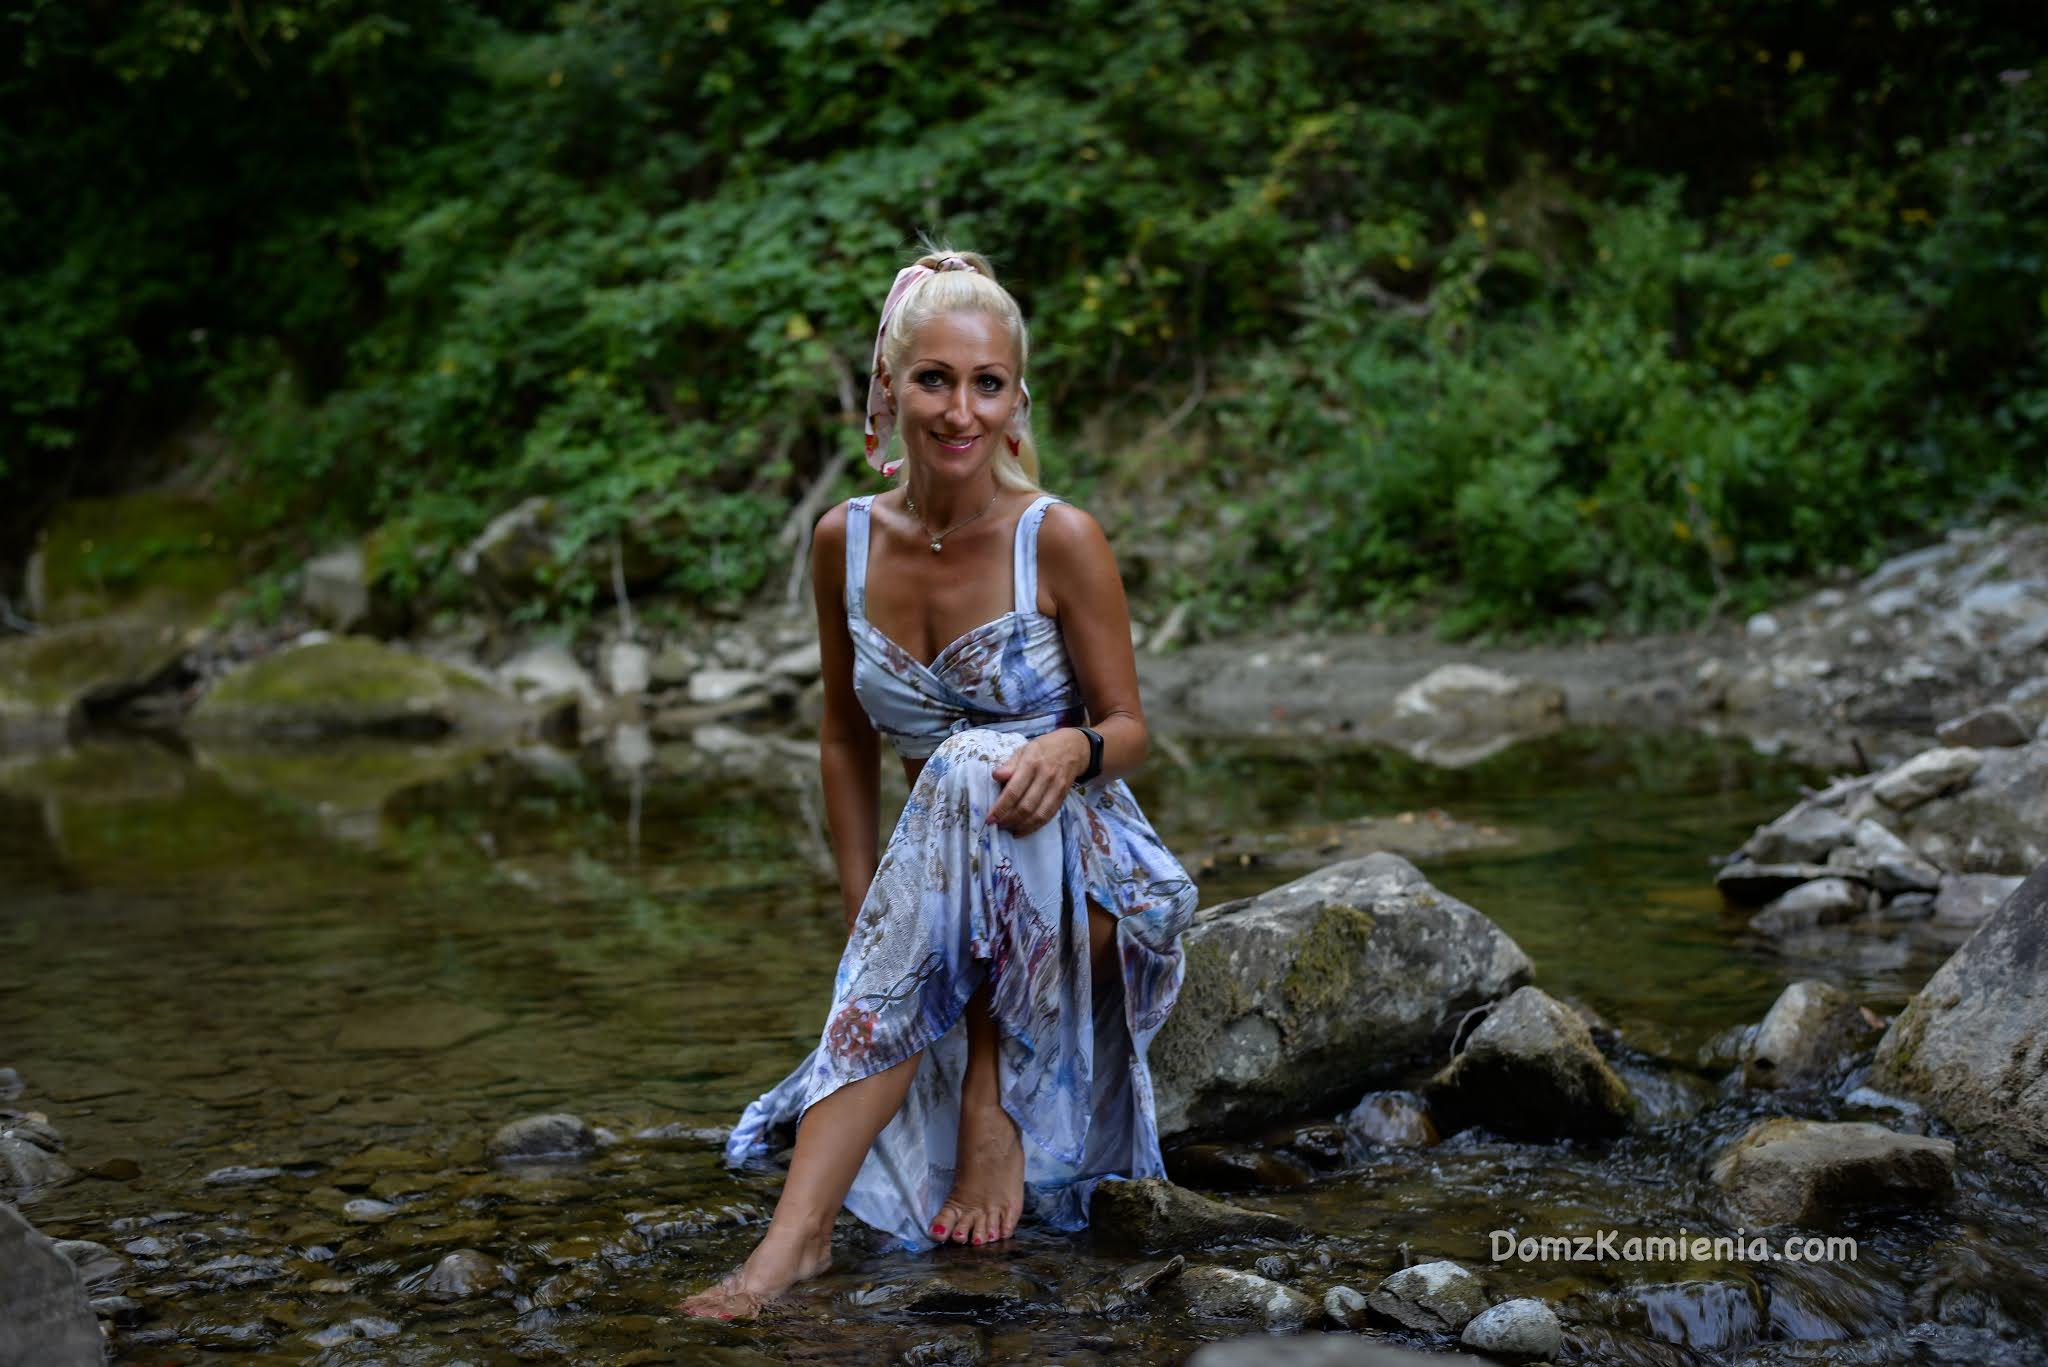 Kasia z Domu z Kamienia, blog o życiu w Italii